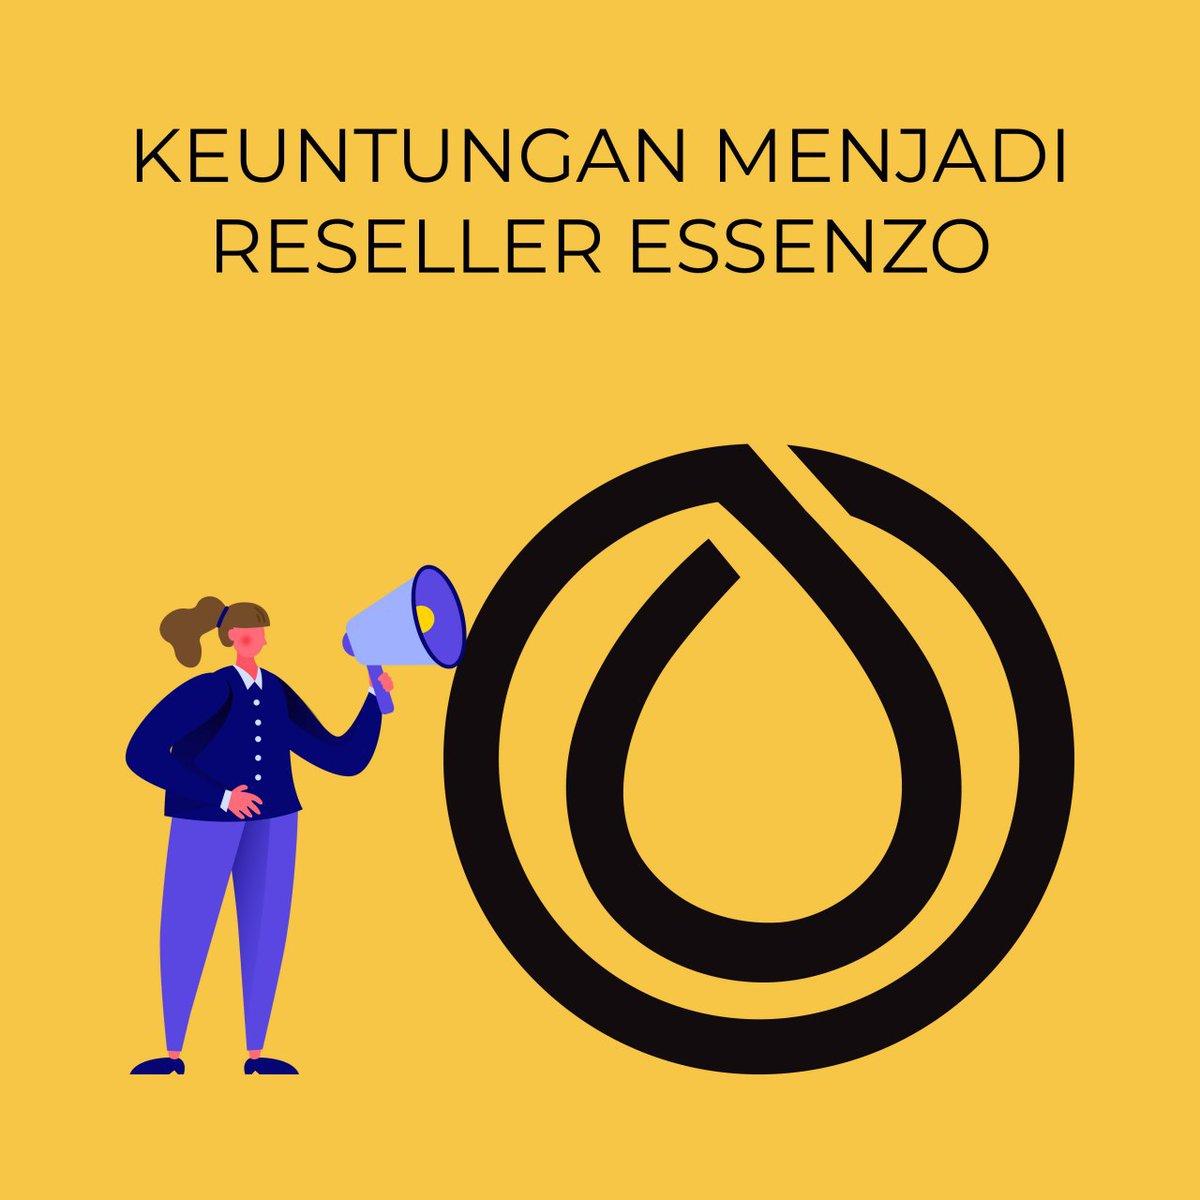 Alasan kuat jadi reseller essenzo : mudah, gak ribet dan dimentori sampai dengan sukses.  Mau tahu solusinya :  Silahkan klik link dibawah ini,  http://bit.ly/JosResellerEssenzo… http://bit.ly/JosResellerEssenzo… http://bit.ly/JosResellerEssenzo…  Atau klik tombol Learn more/Selengkapnyapic.twitter.com/Alr52ipsfl